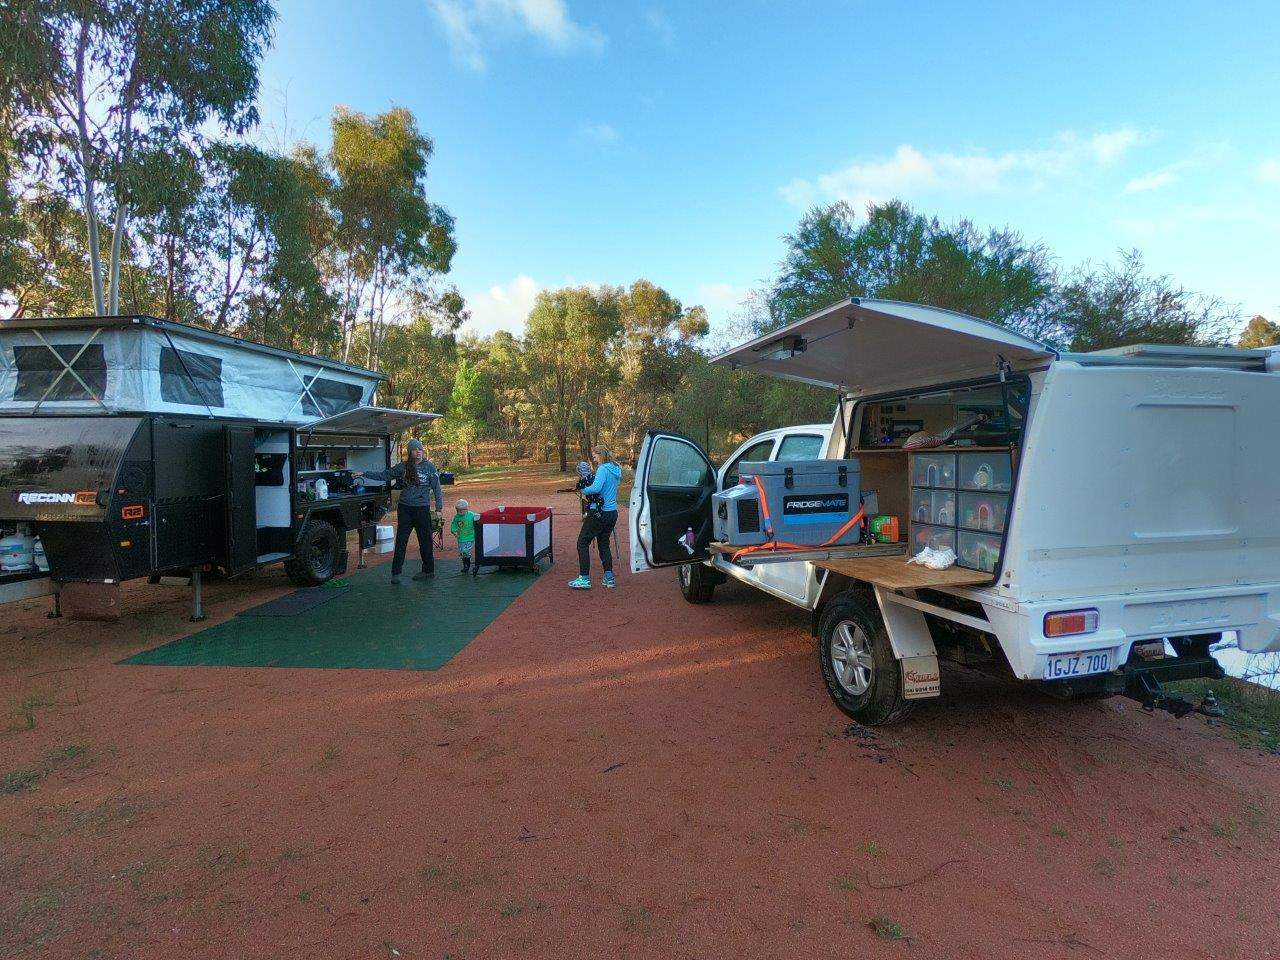 Our camp setup